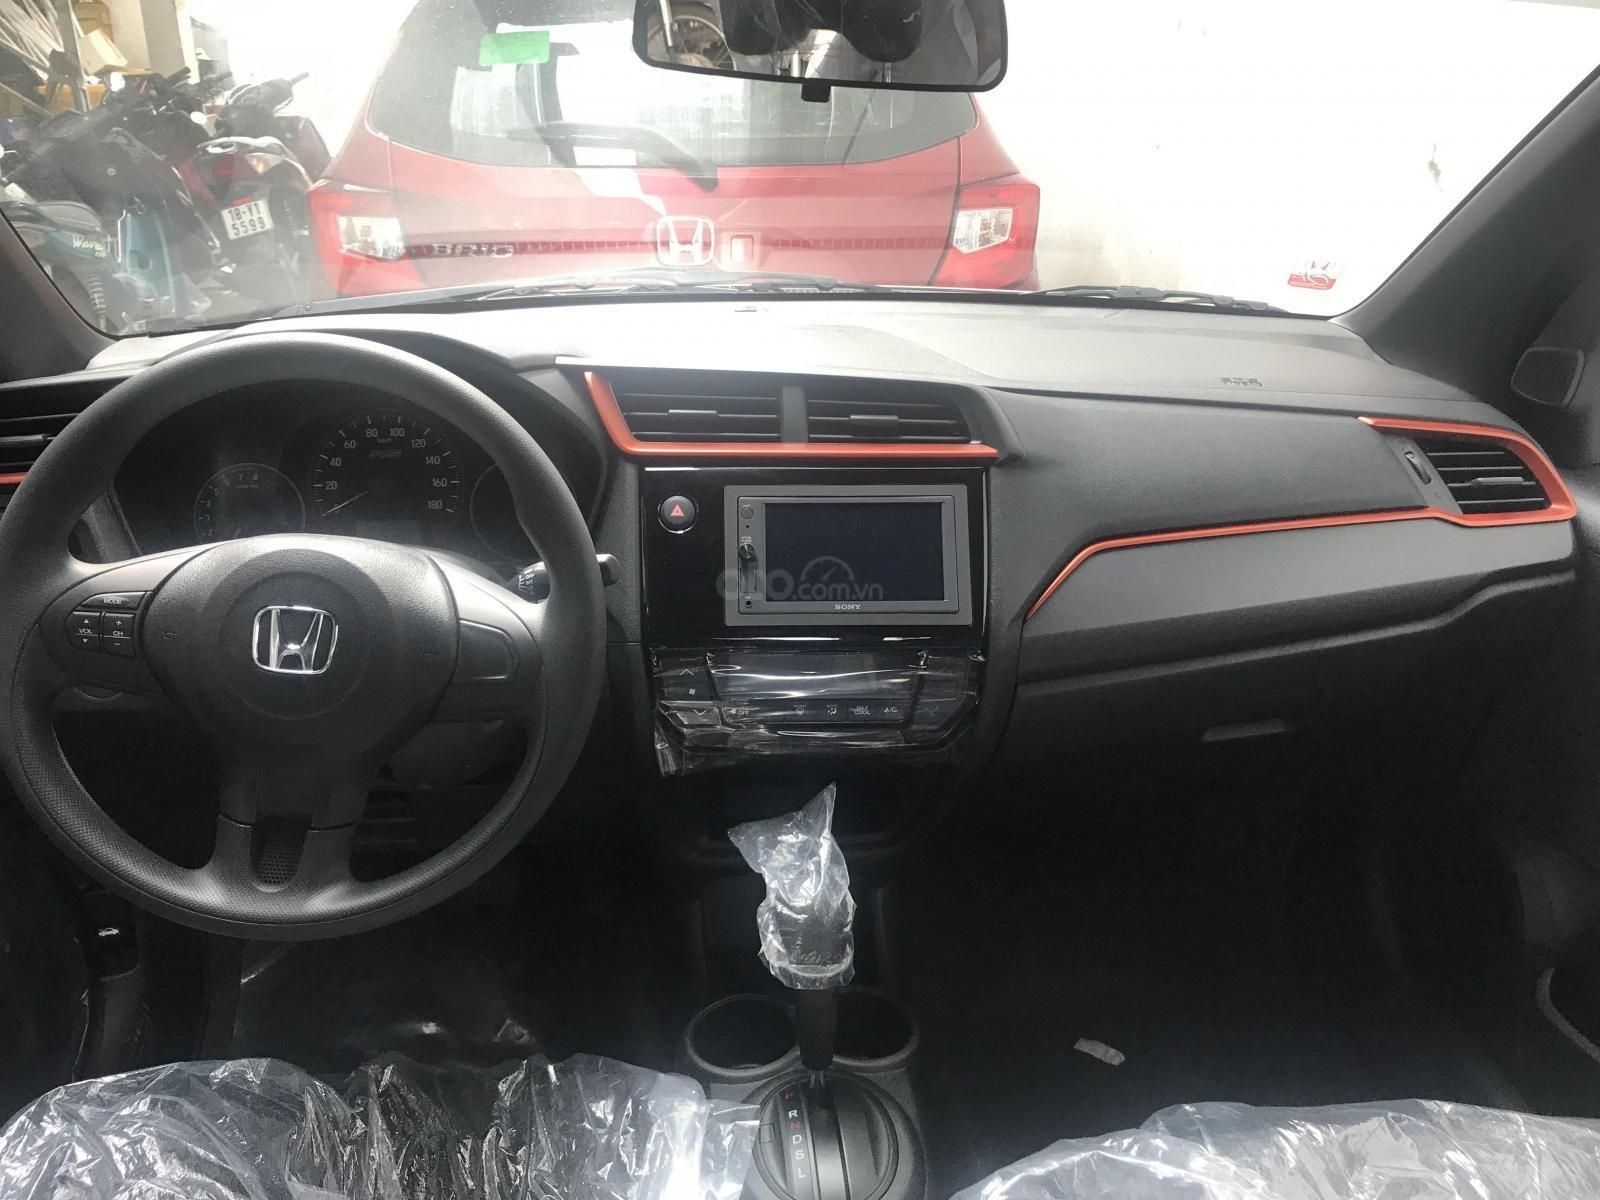 Honda Mỹ Đình - Bán Honda Brio 2020 nhập khẩu giá rẻ đủ màu giao ngay, LH: 0978.776.360 (3)